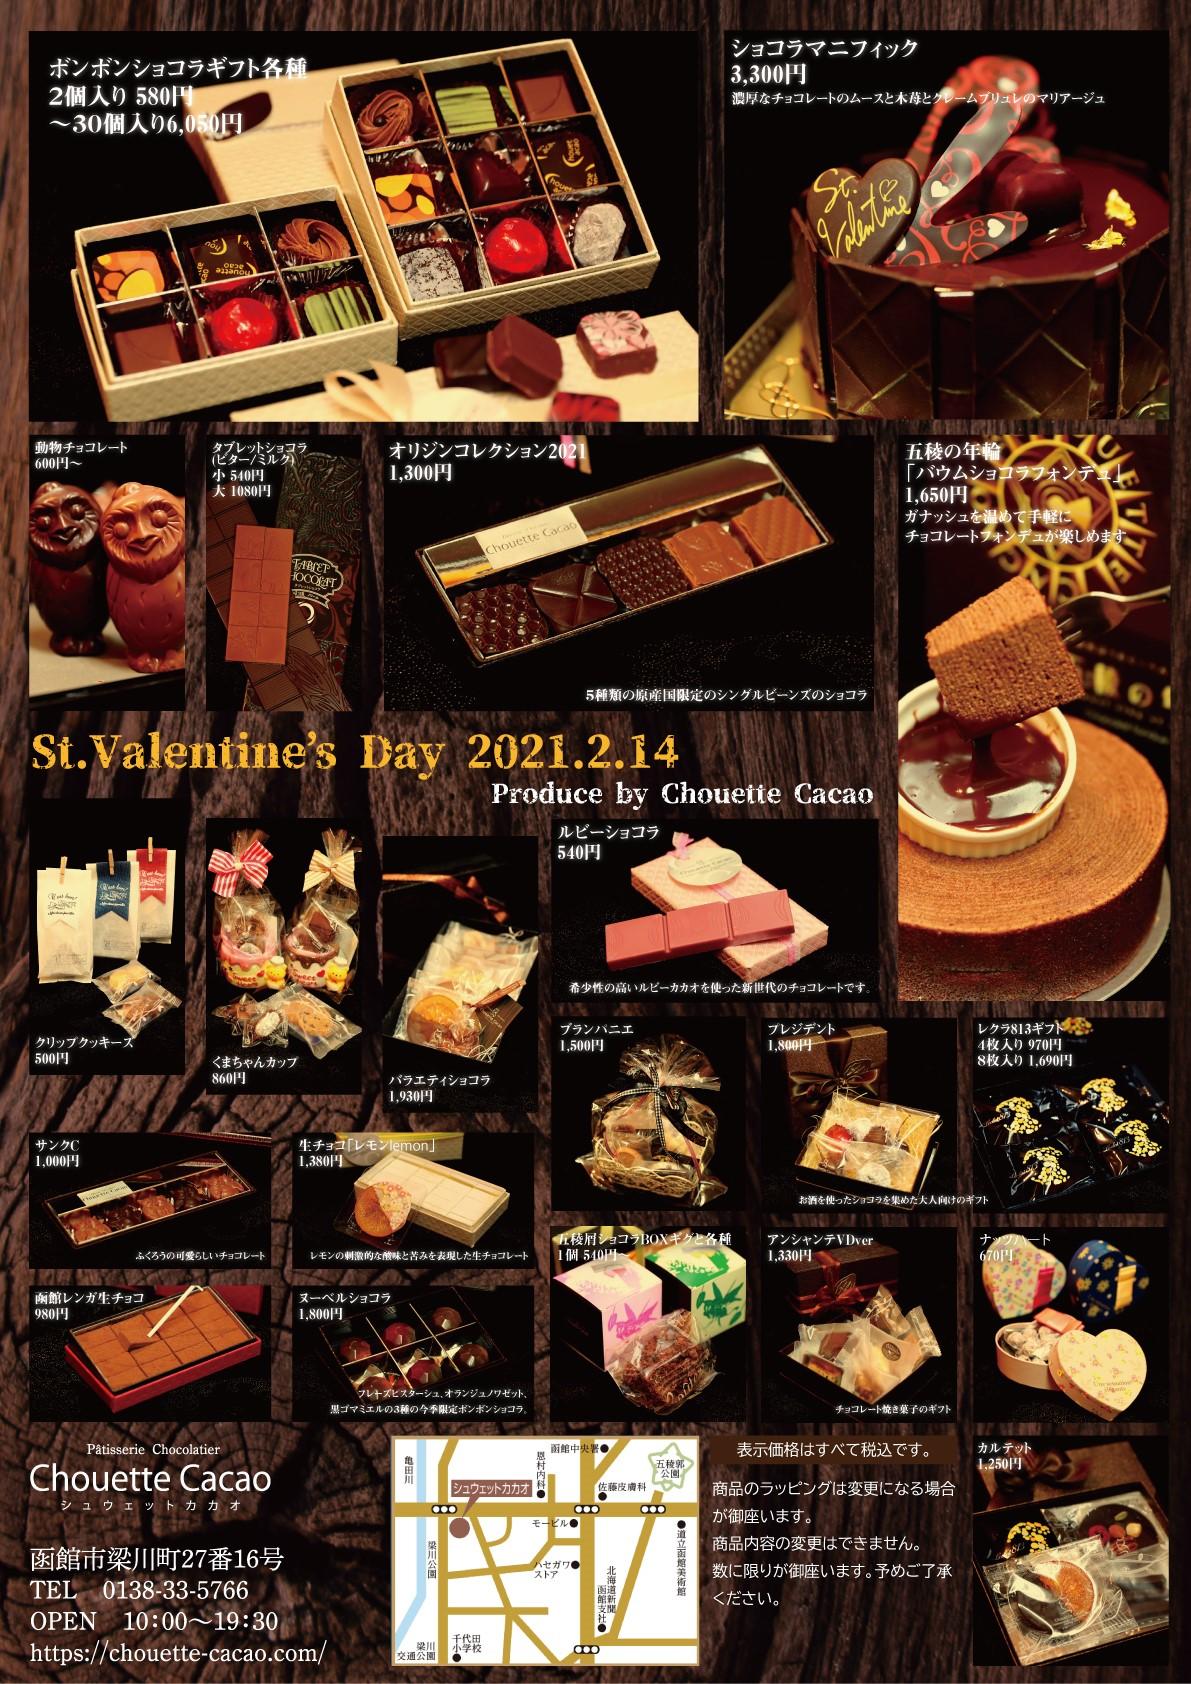 バレンタインカタログ出来上がりました❣ - 函館のチョコレート専門店 ...